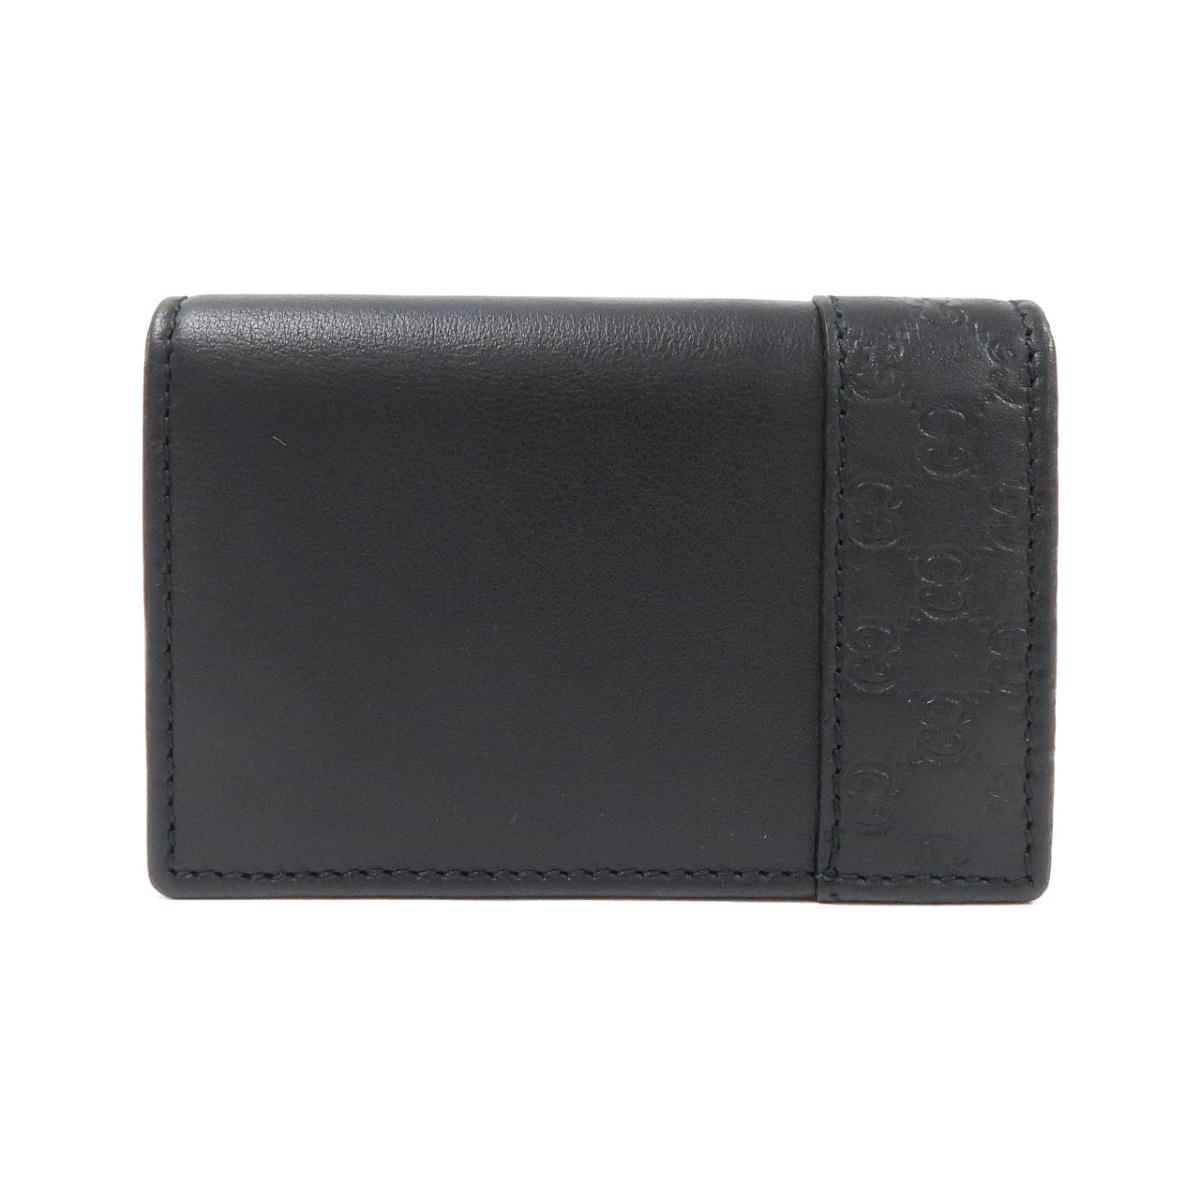 グッチ カードケース 308932 A8WQN【中古】